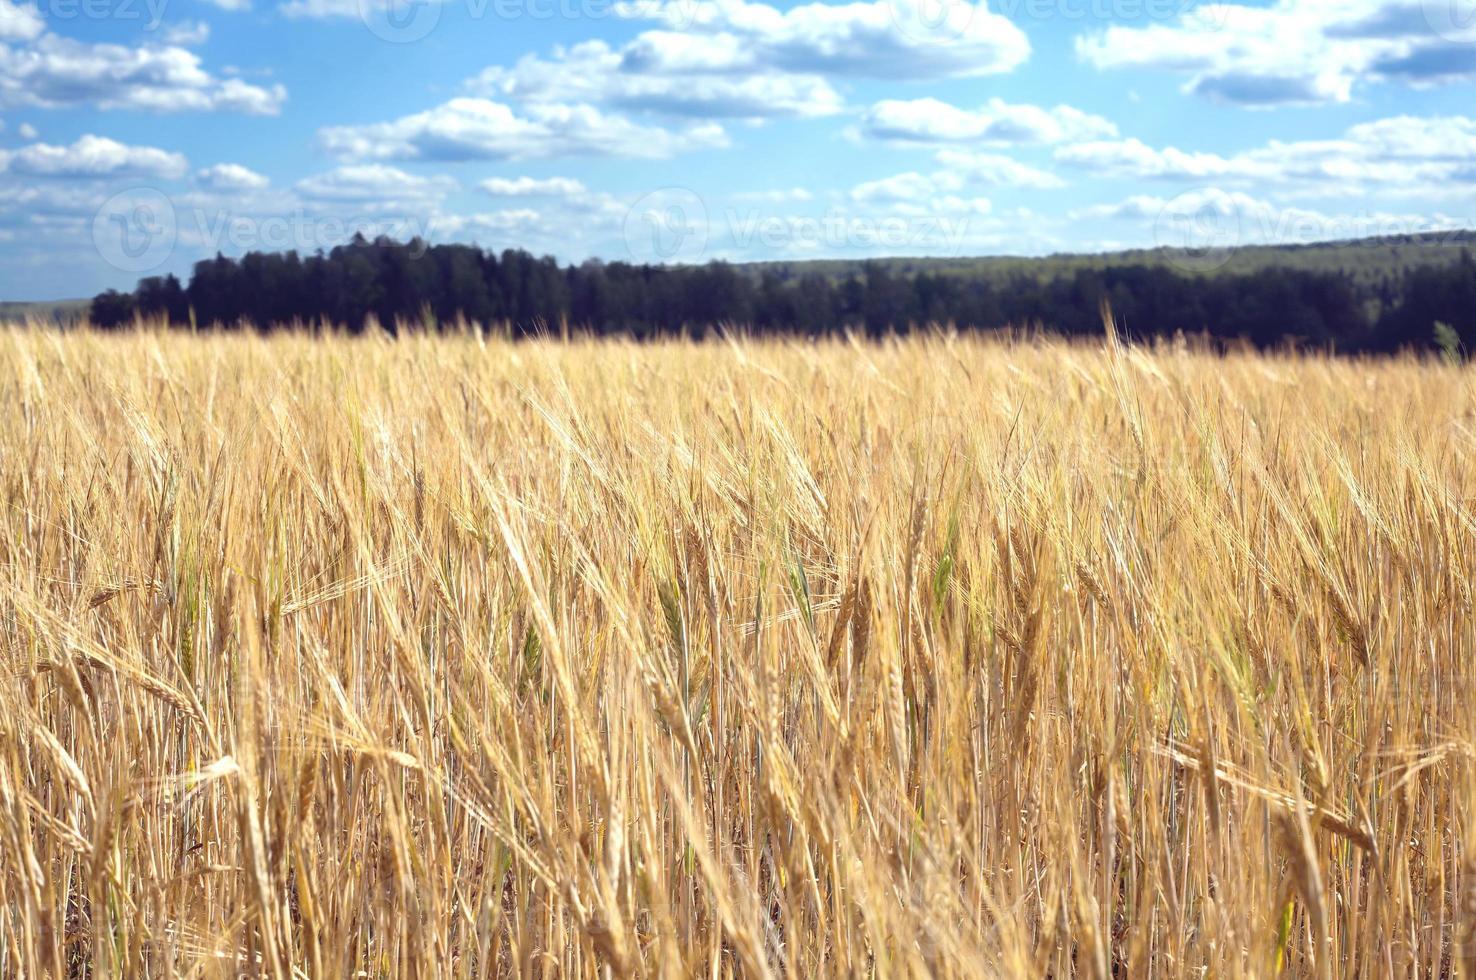 paesaggio rurale con campo di segale il giorno d'estate foto